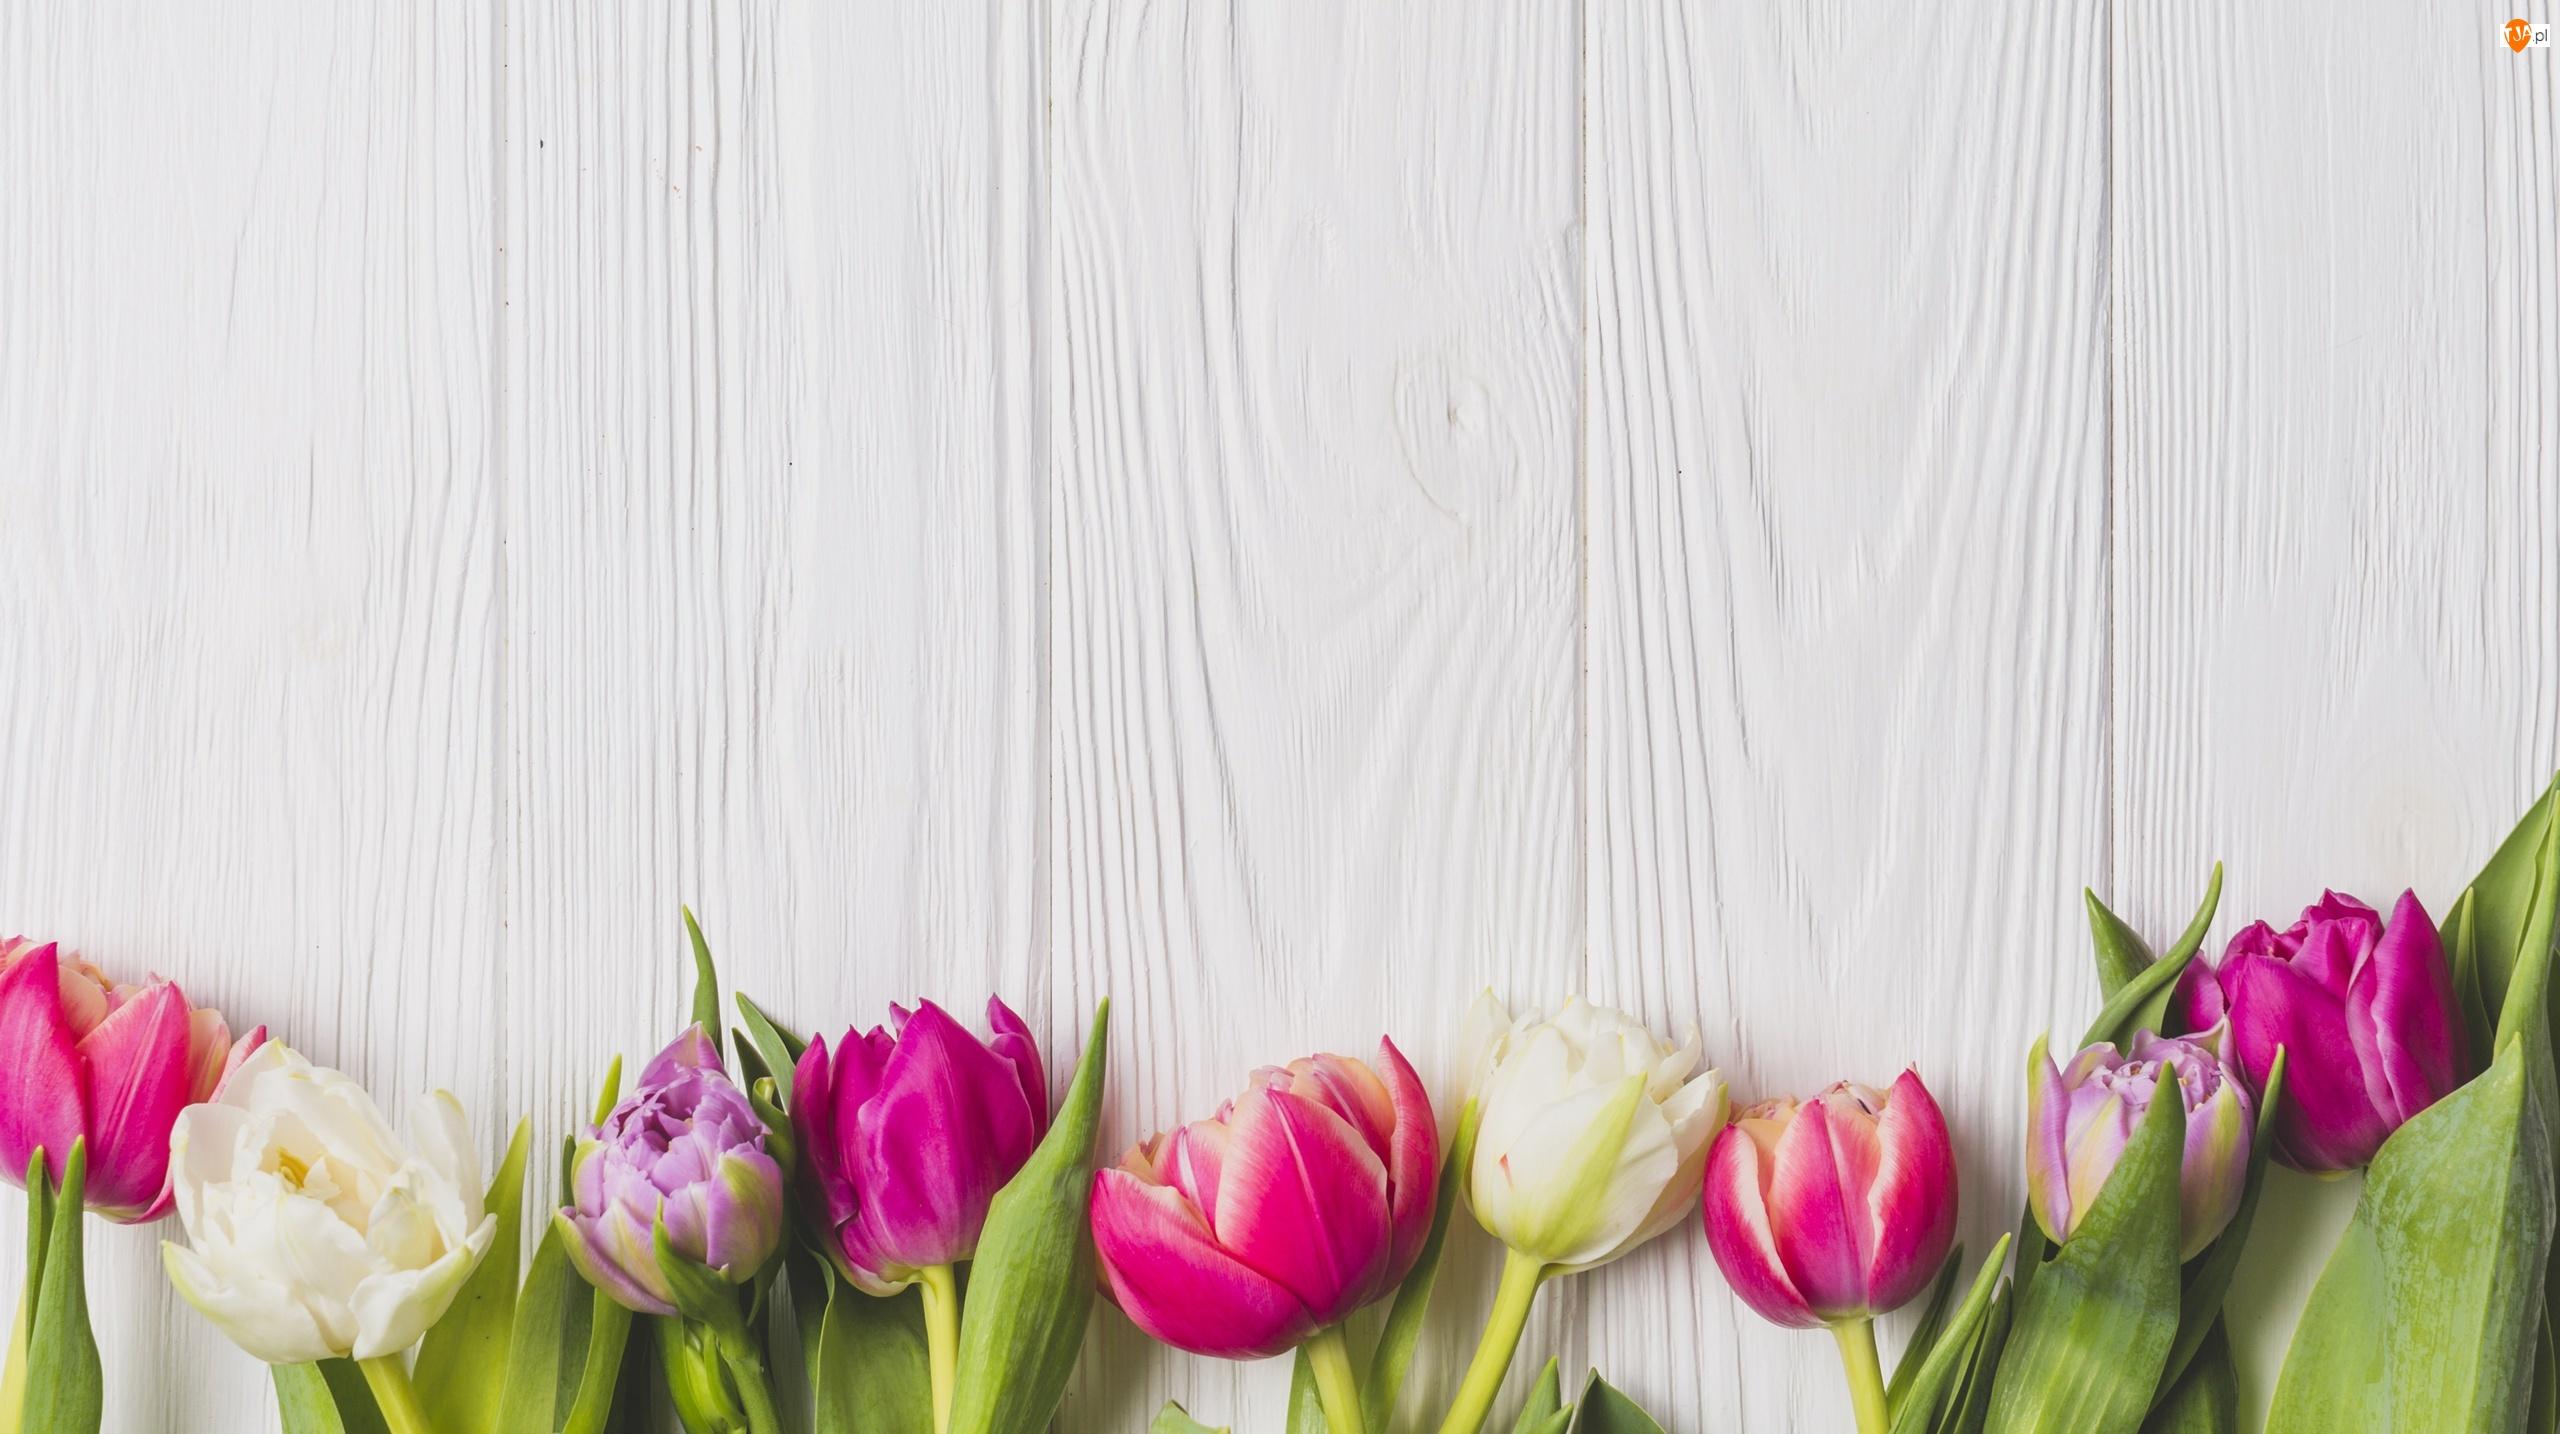 Deski, Kolorowe, Kwiaty, Tulipany